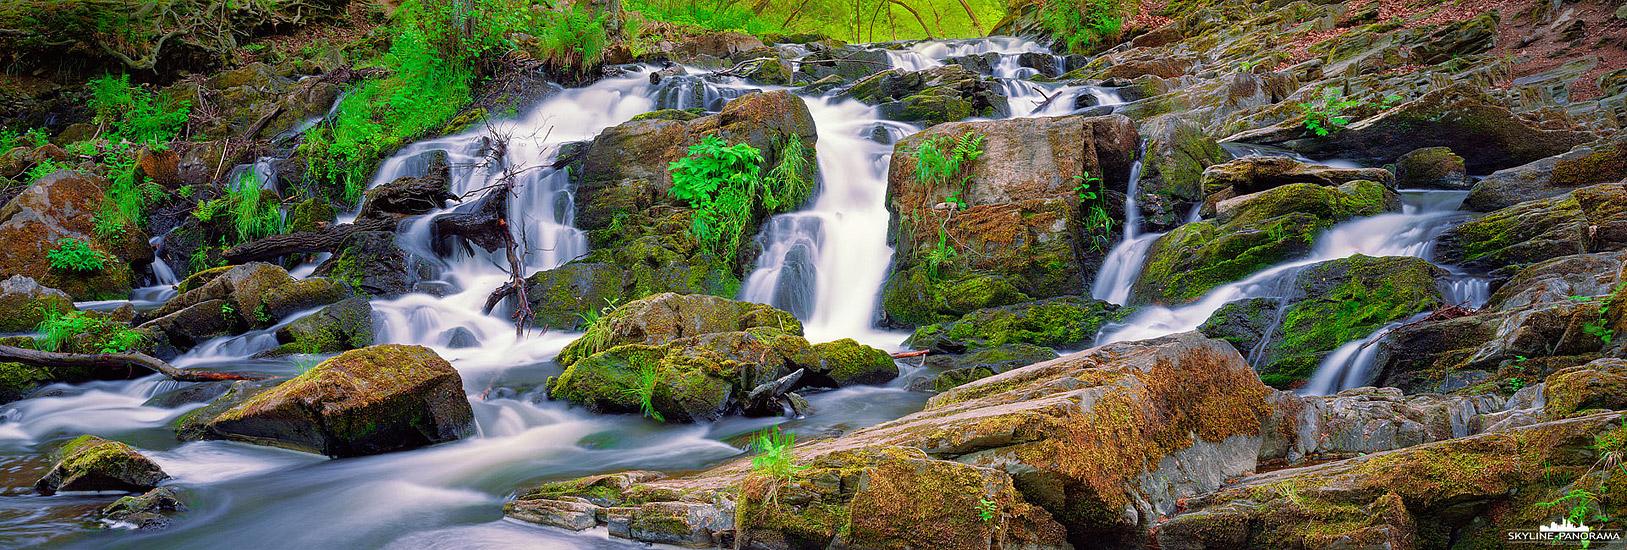 Harz Panorama - Der Wasserfall im Selketal bei Alexisbad im wildromantischen Harz als 6x17 Panorama auf Fujifilm Pro 160NS.